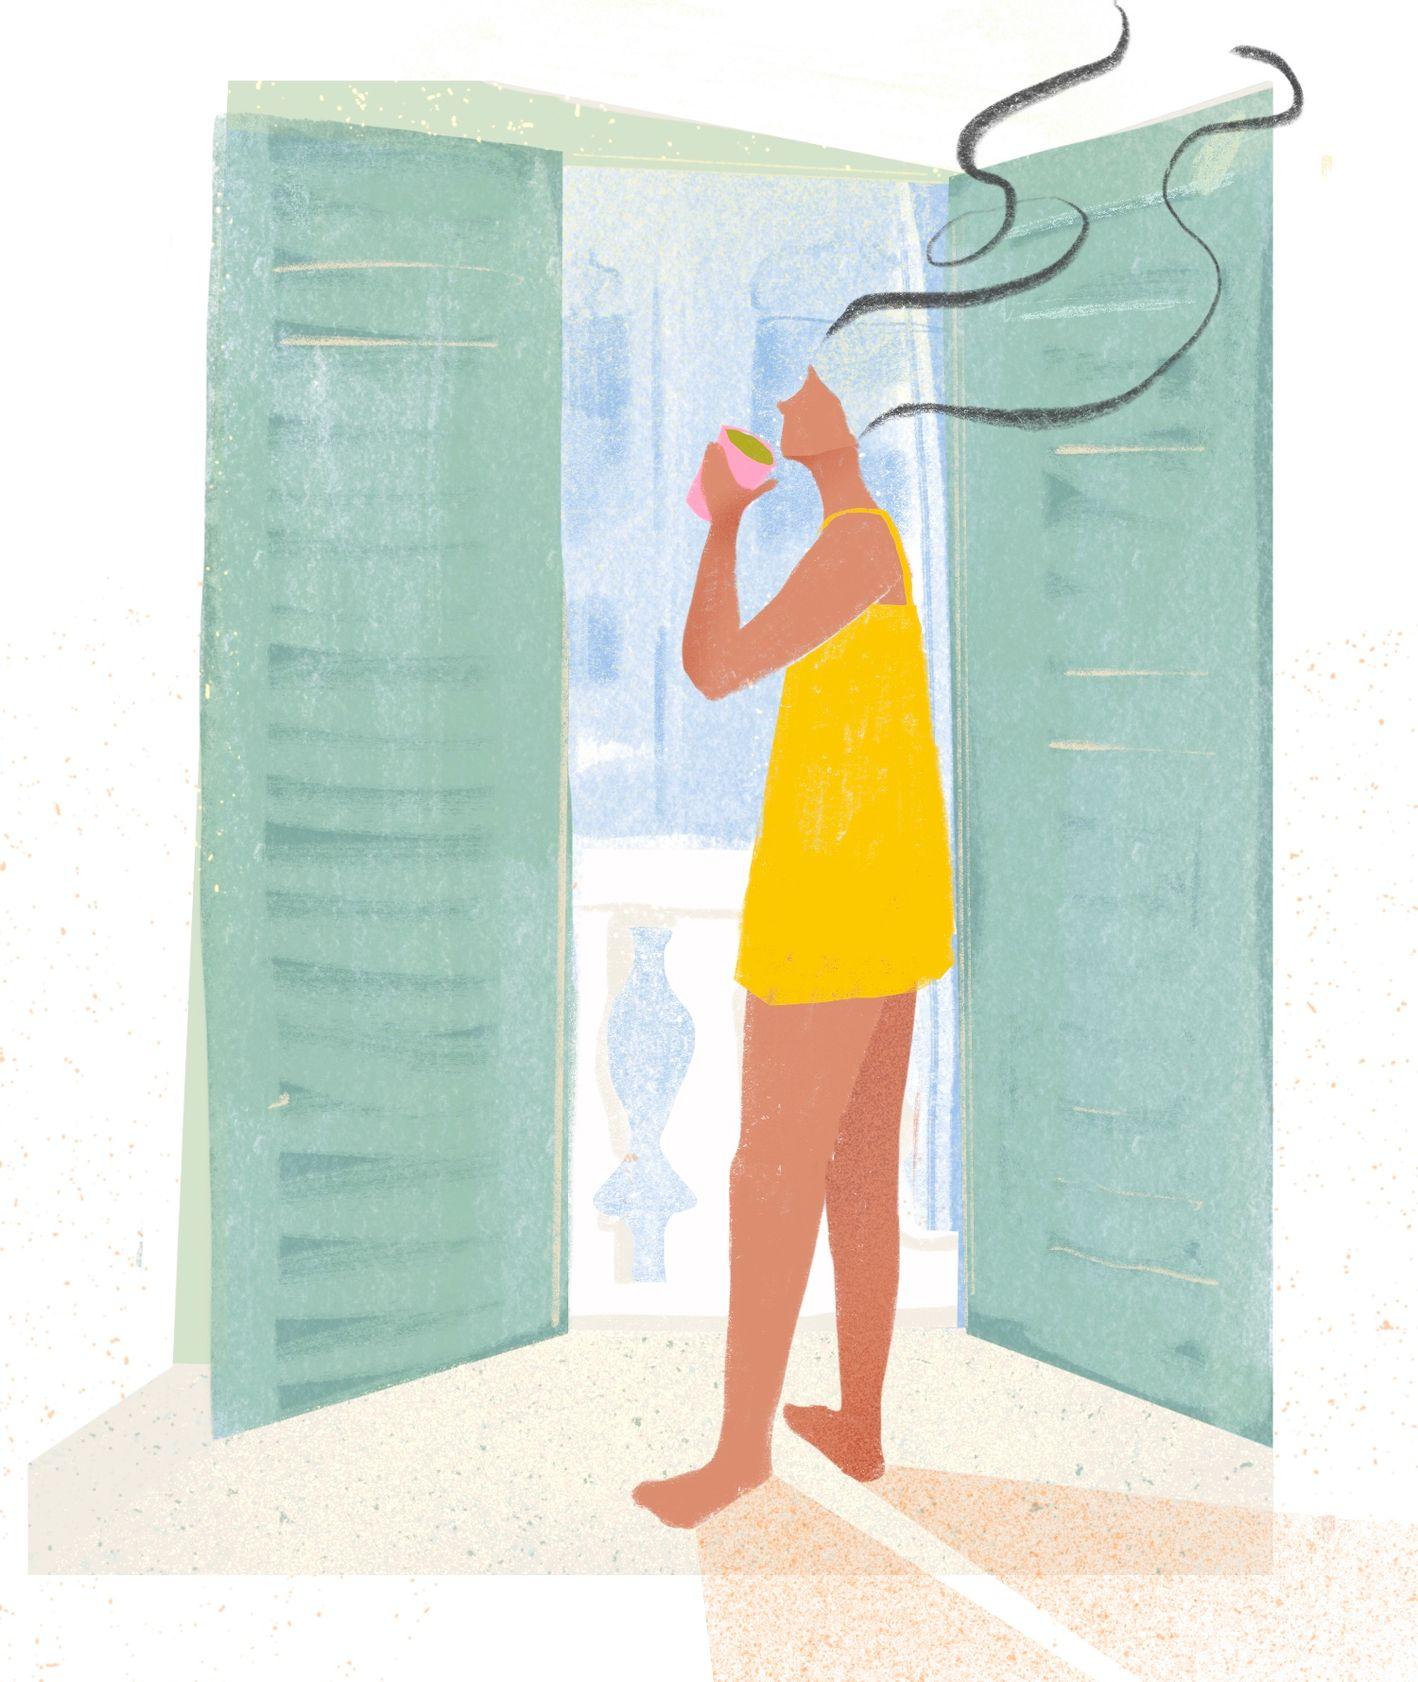 Kobieta w sukience w drzwiach balkonowych (il. Martyna Cybuch)